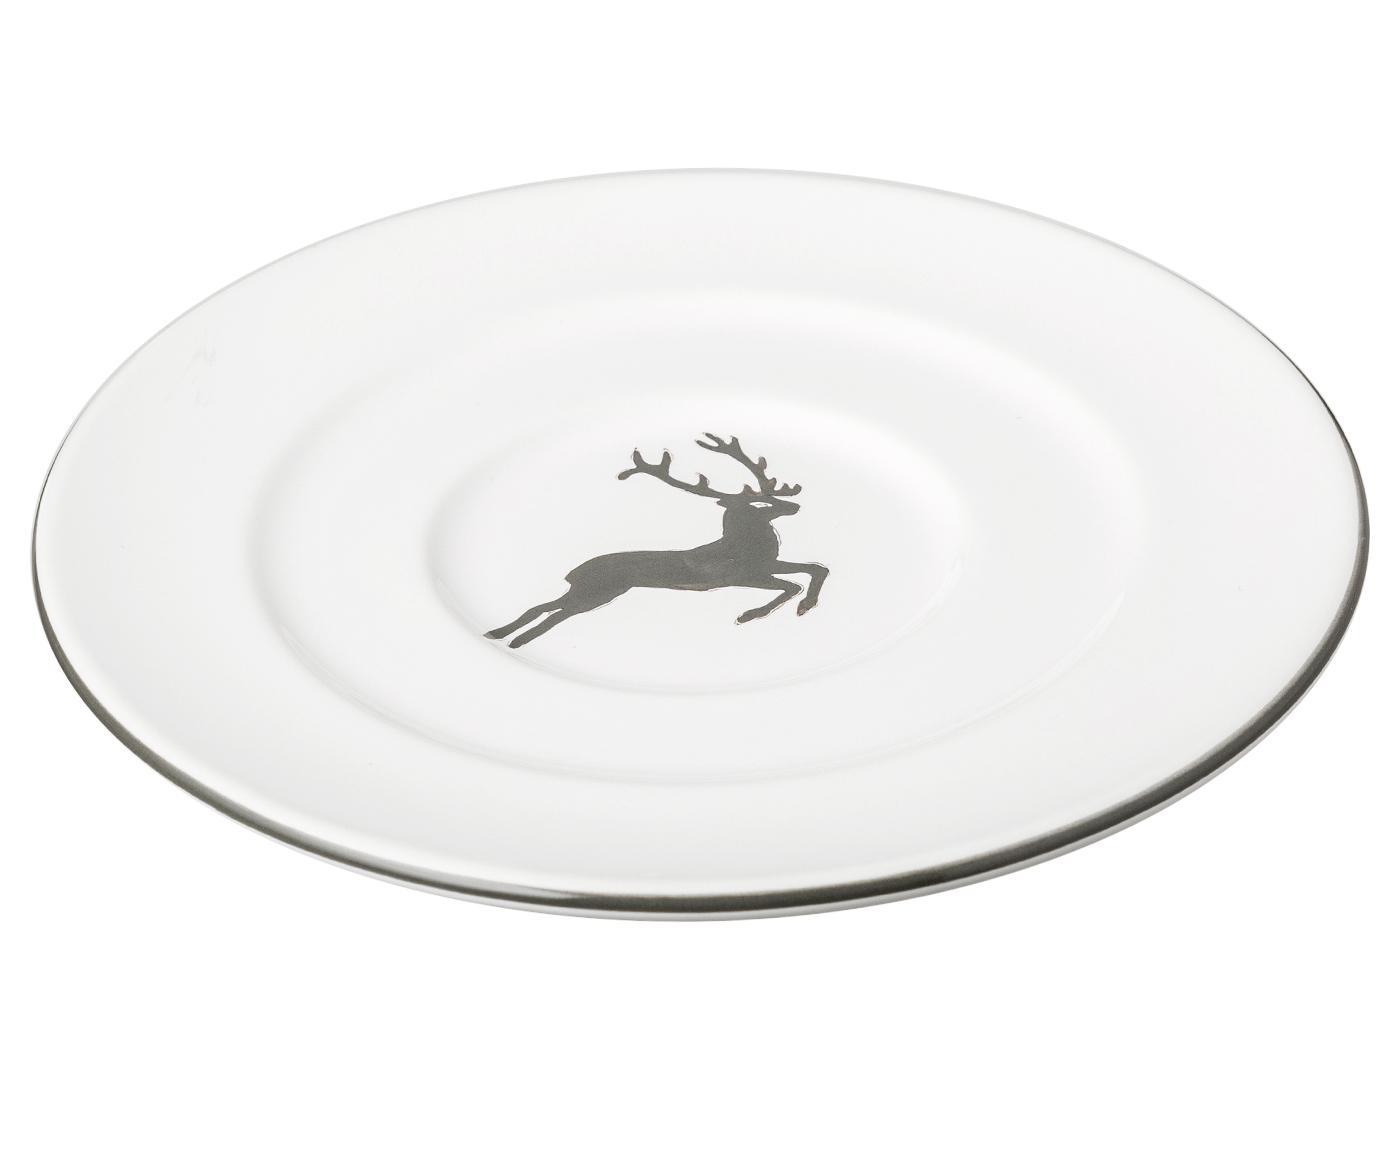 Piatto caffe Gourmet con cervo grigio, Ceramica, Grigio, bianco, Ø 16 cm